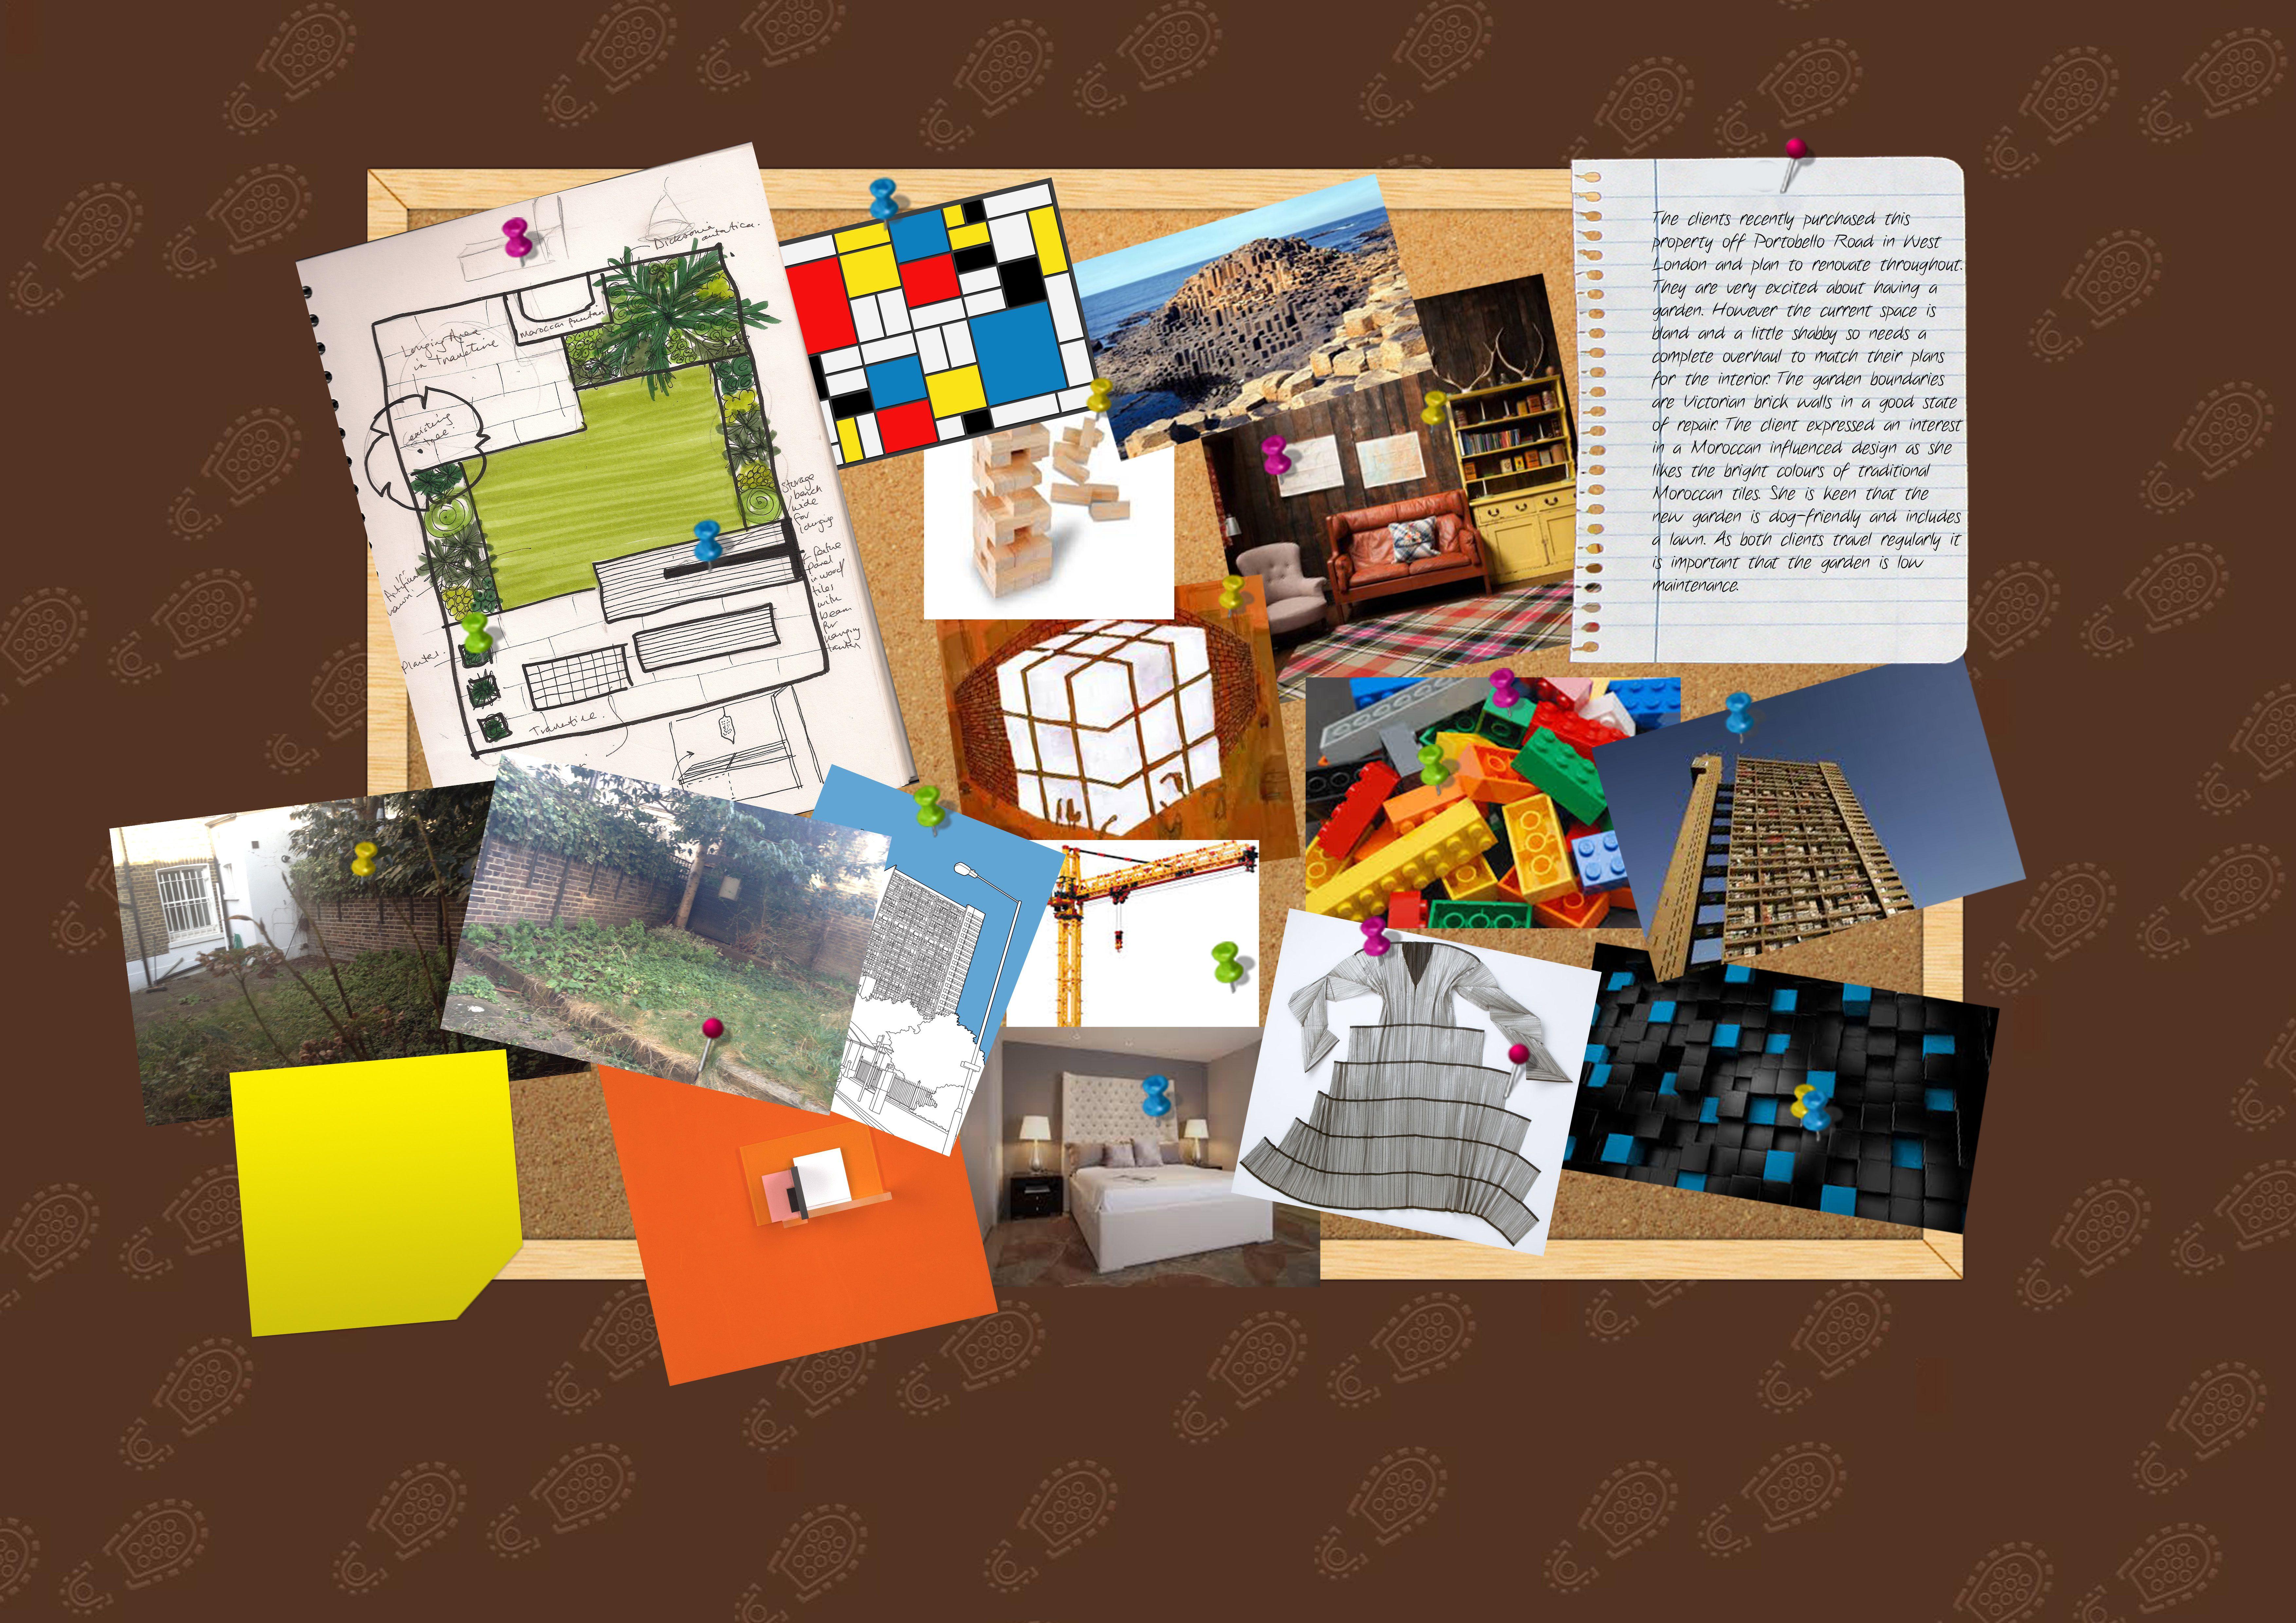 Garden Design Ideas Board 1 ED206